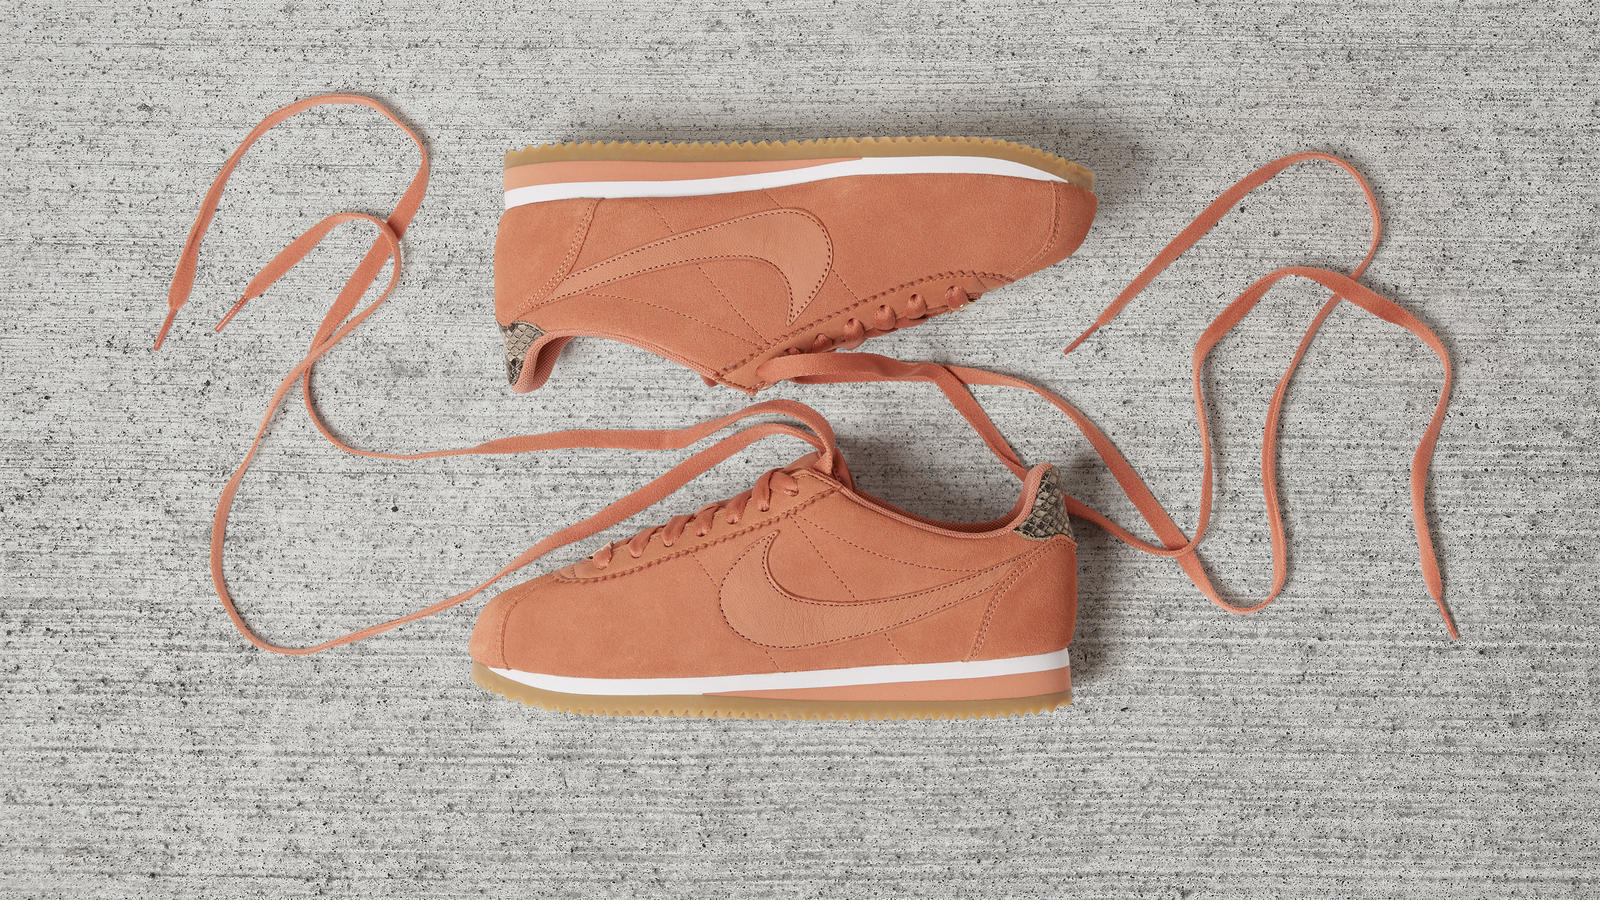 170519 footwear cortez alc pnk  0190 hd 1600